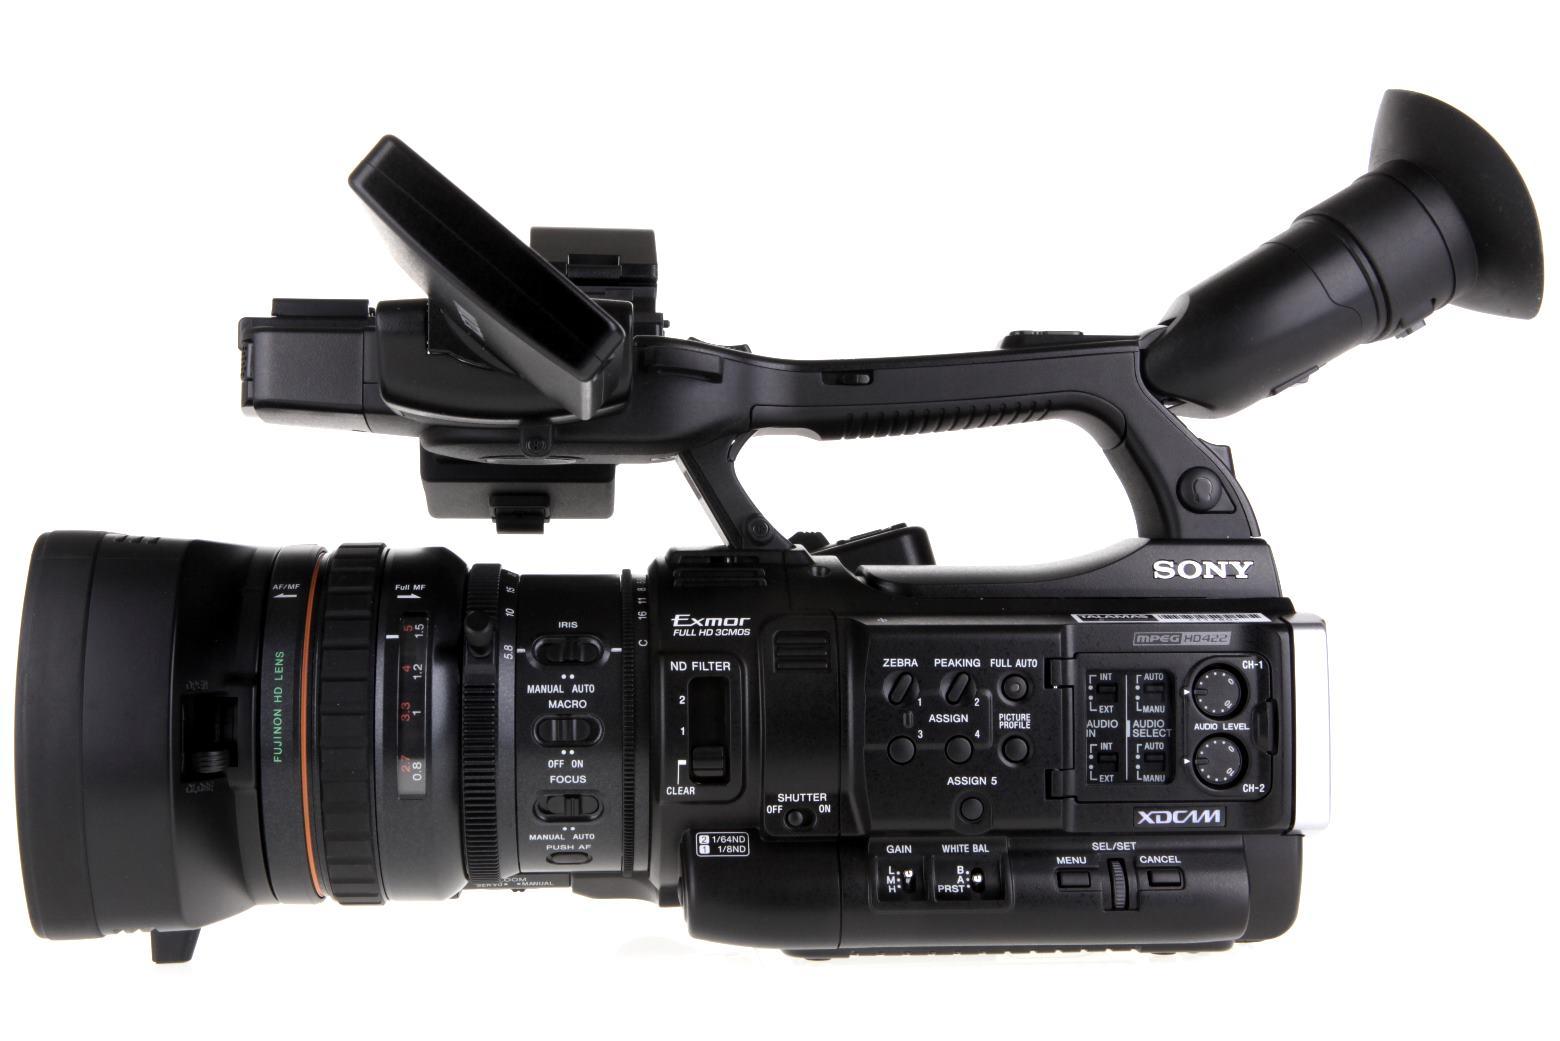 PMW-200 XDCAM Sony - HD 422